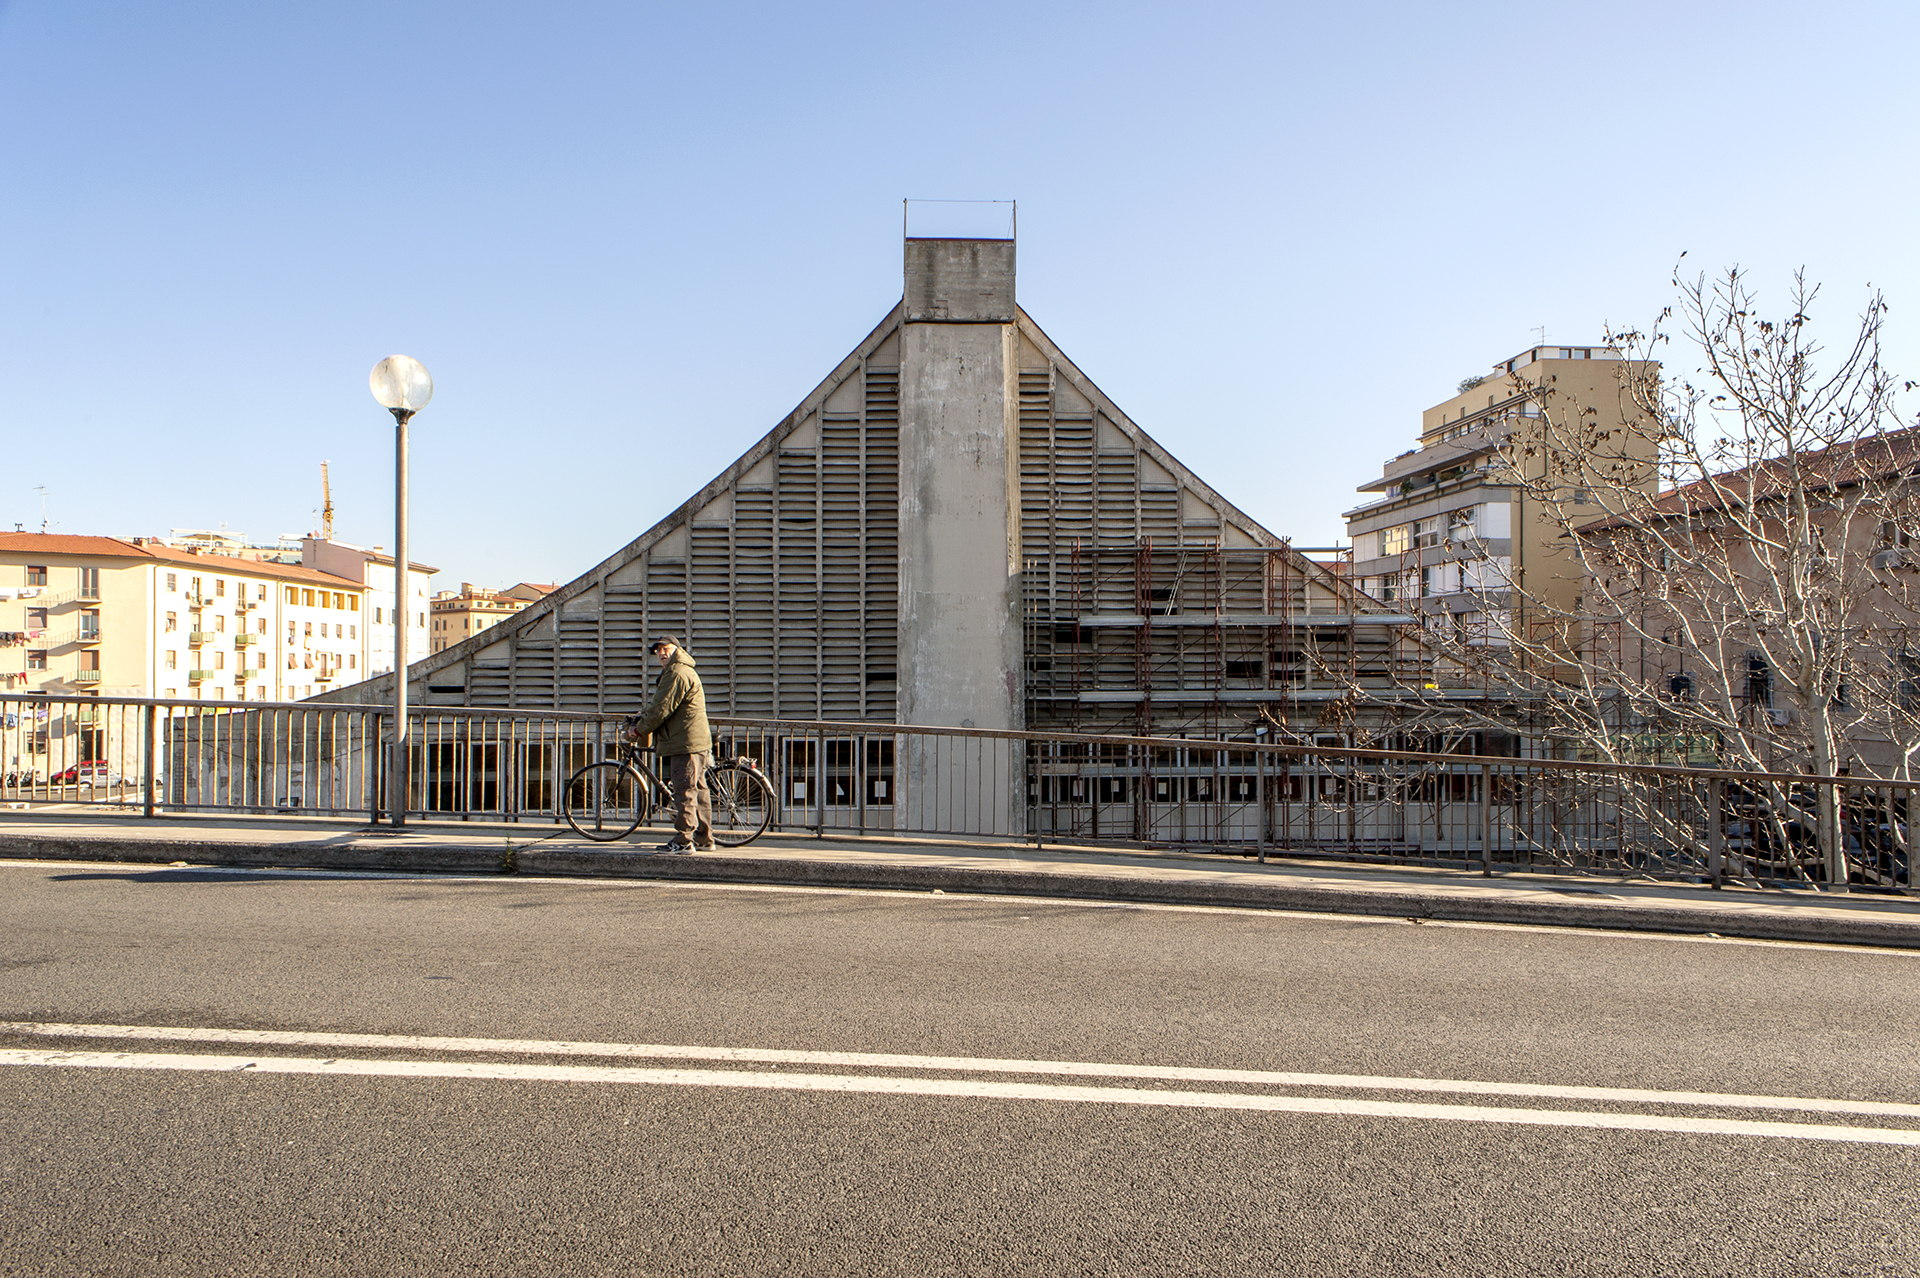 Piergiorgio Corradin. The fish market in Livorno, Italy.